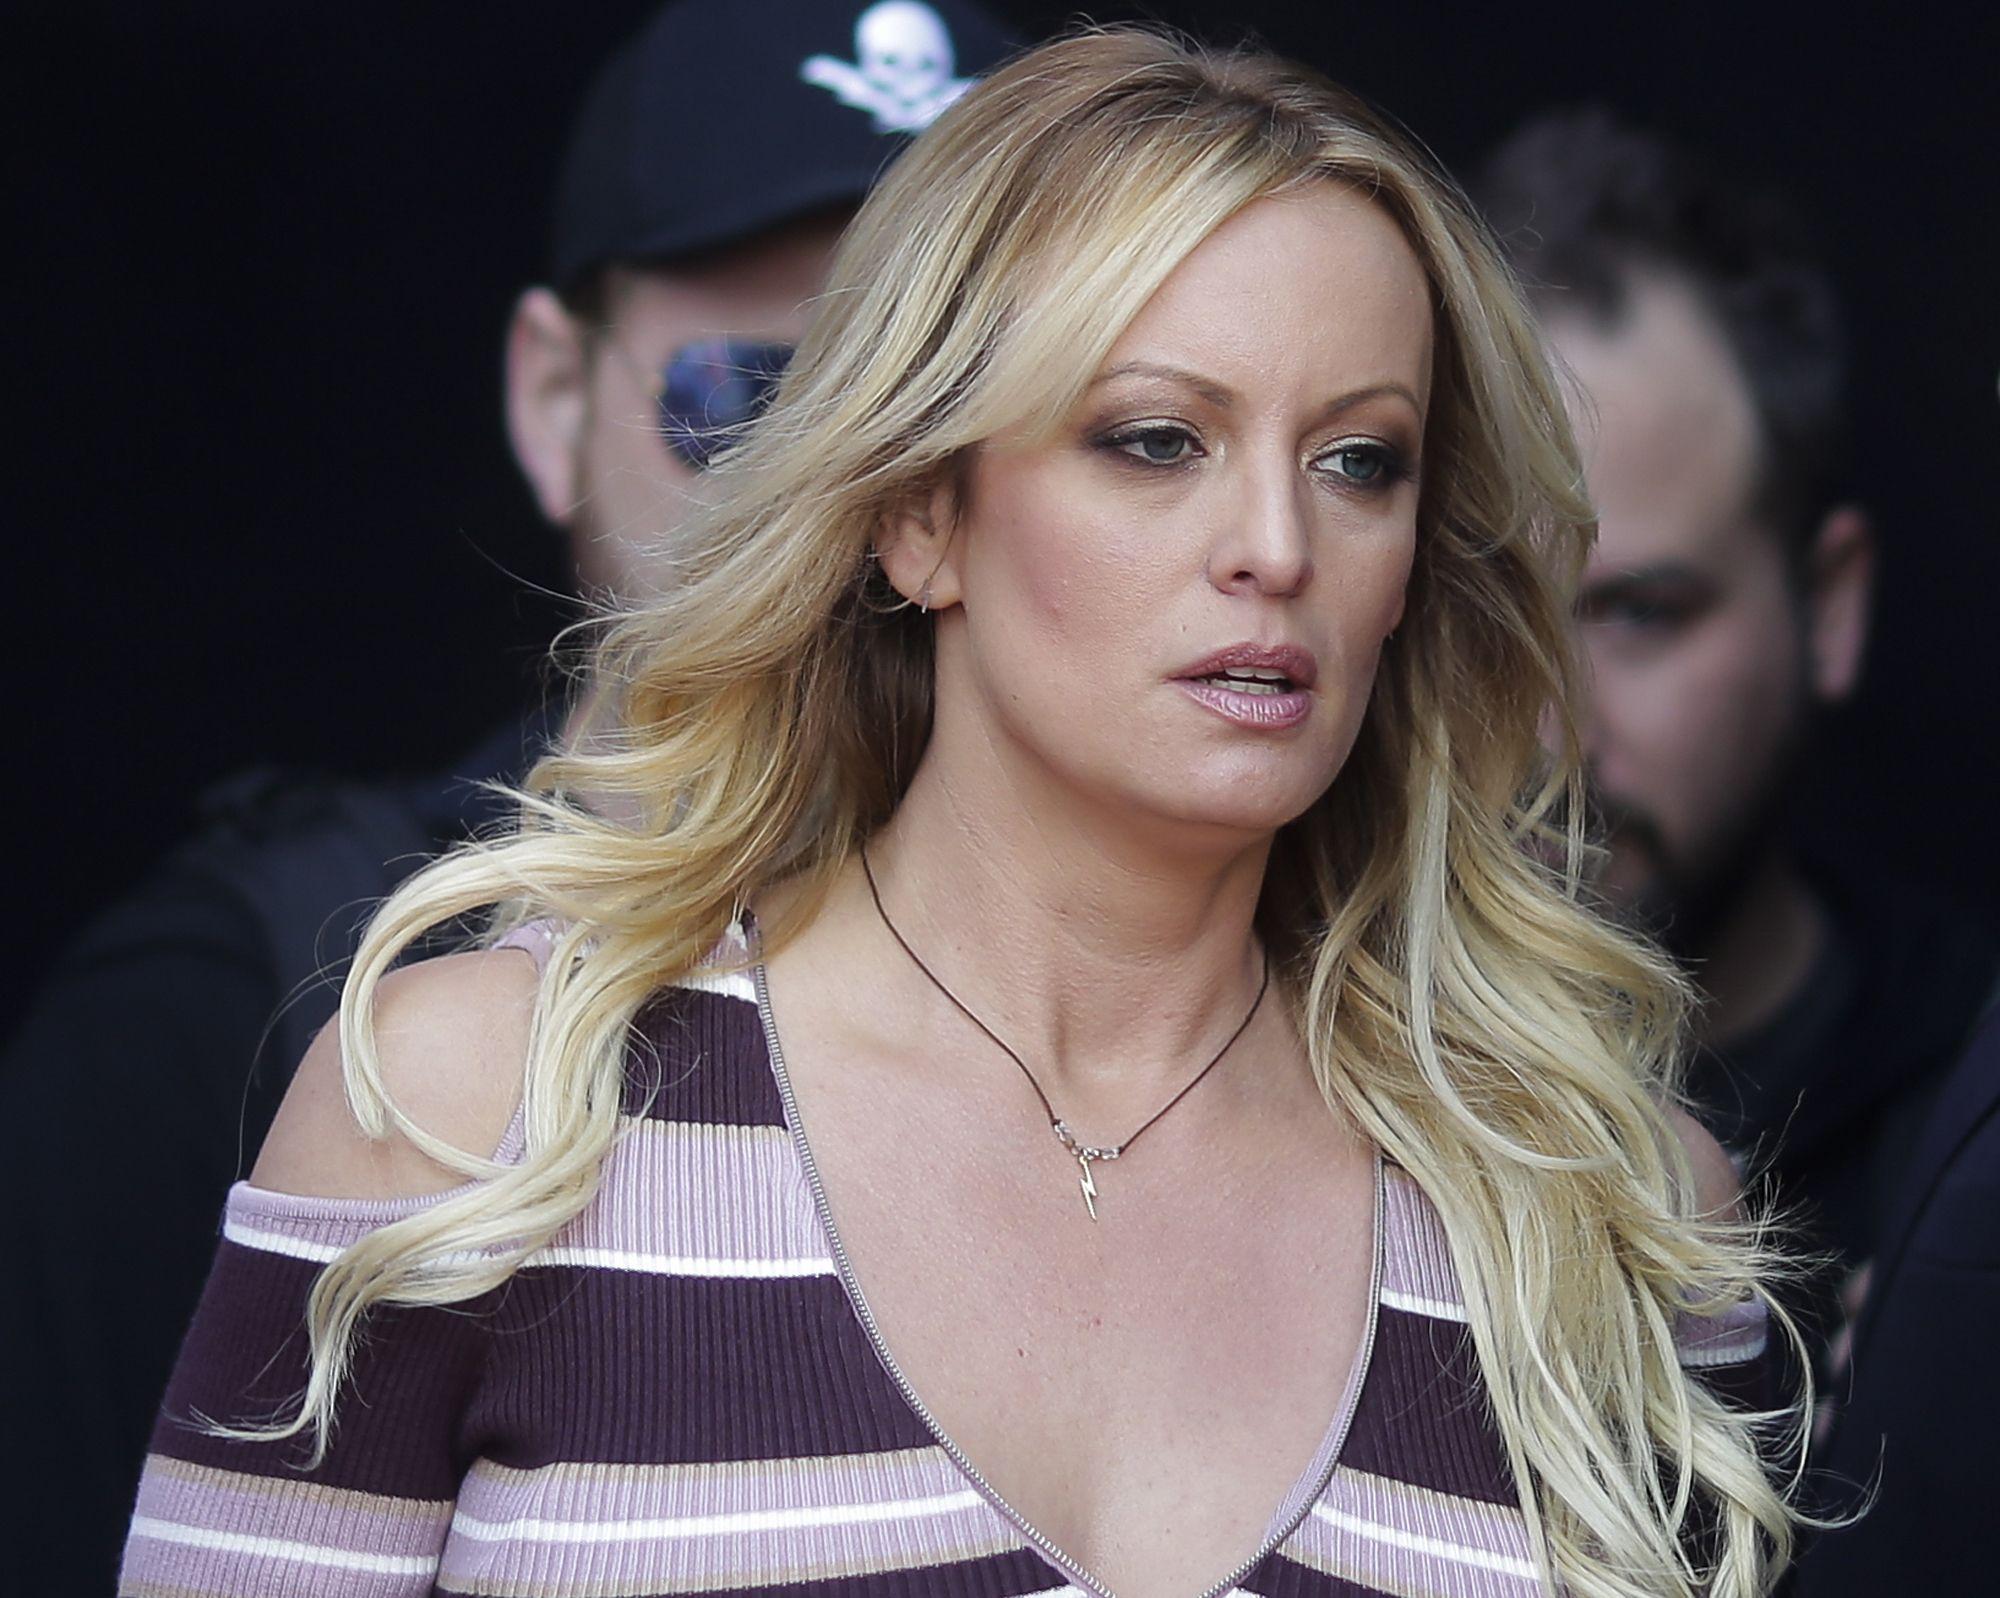 Actrices Porno 20 Años Aproximadamente juez ordena que actriz porno pague costos legales de trump